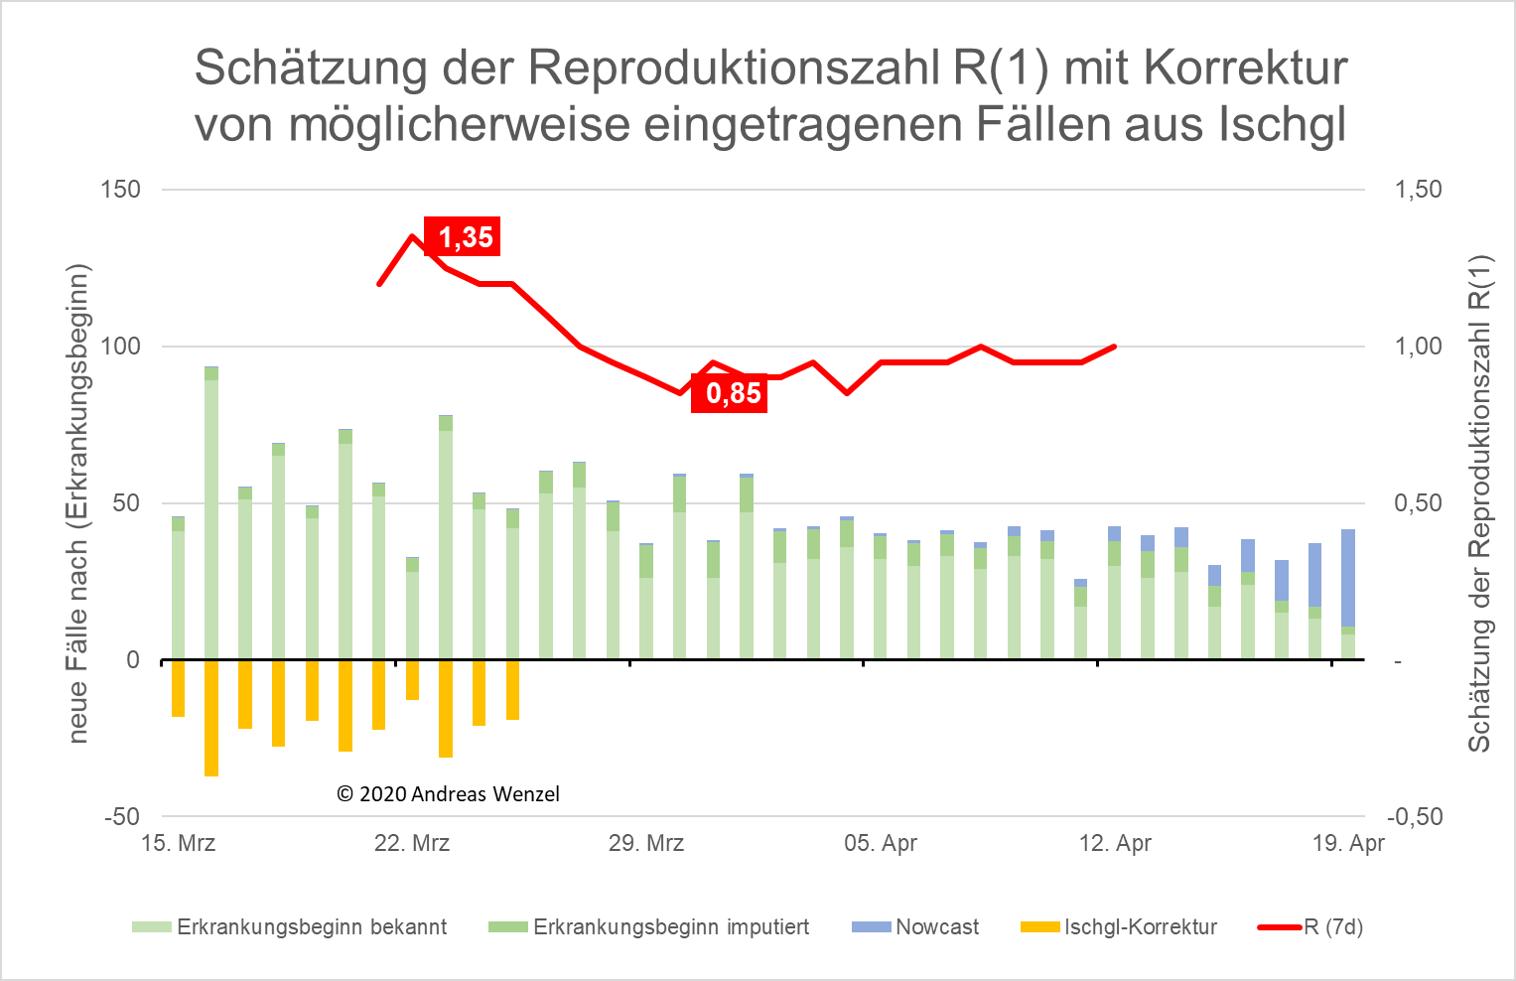 Reproduktionszahl mit hypothetischer Ischgl-Korrektur.